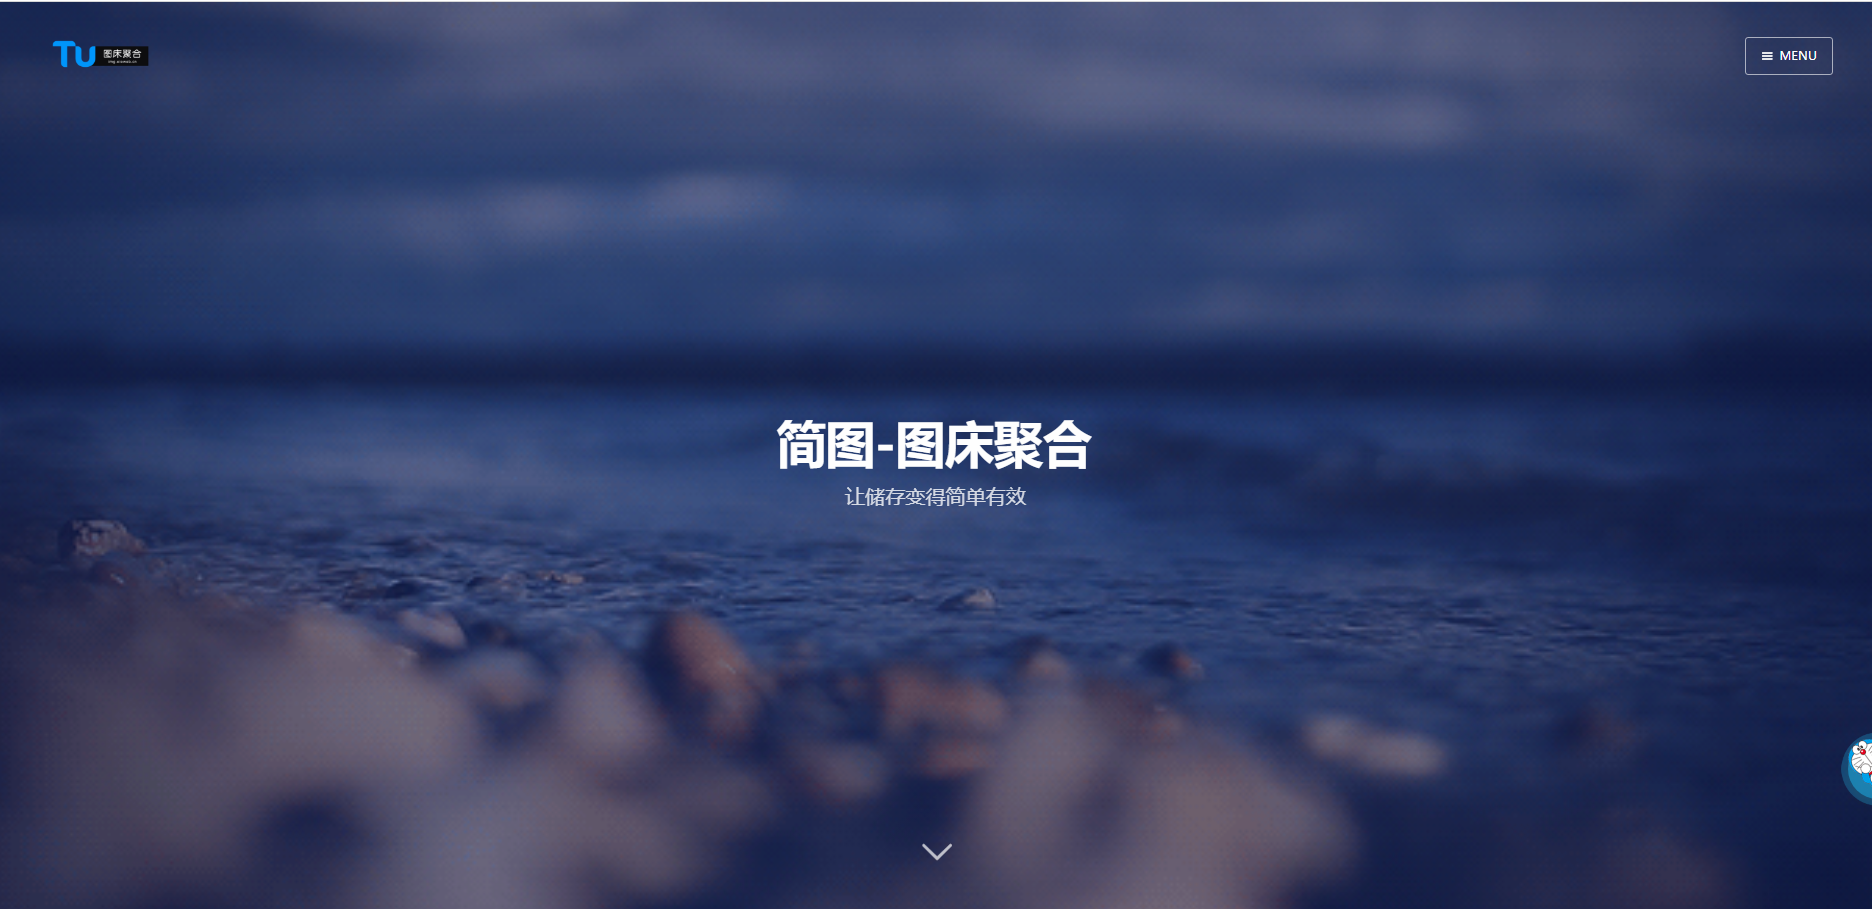 简图图床聚合-各大免费上传图片存储网源码